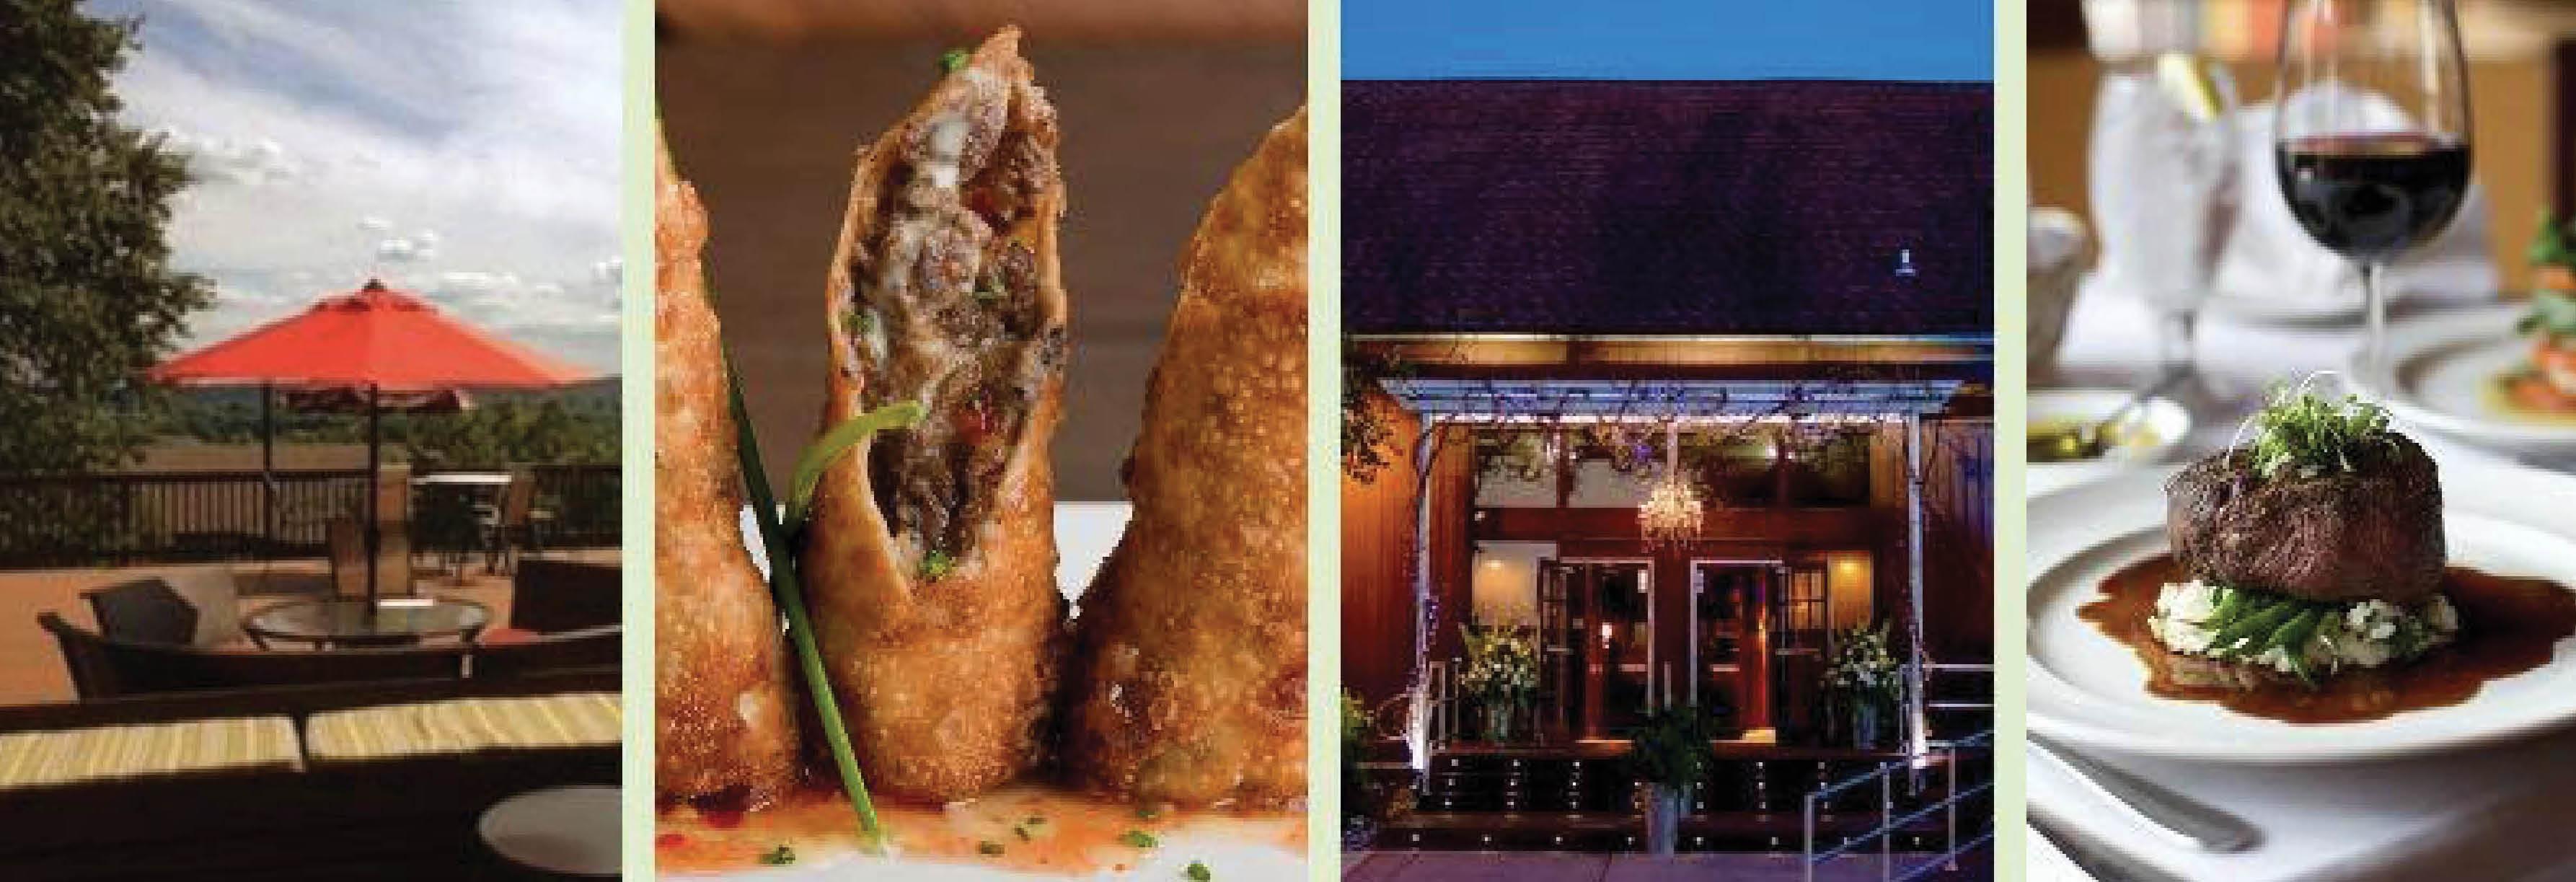 twenty 9,restaurant,deals,discounts,dinner,lunch,catering,twenty,9,deals,twenty 9 coupon